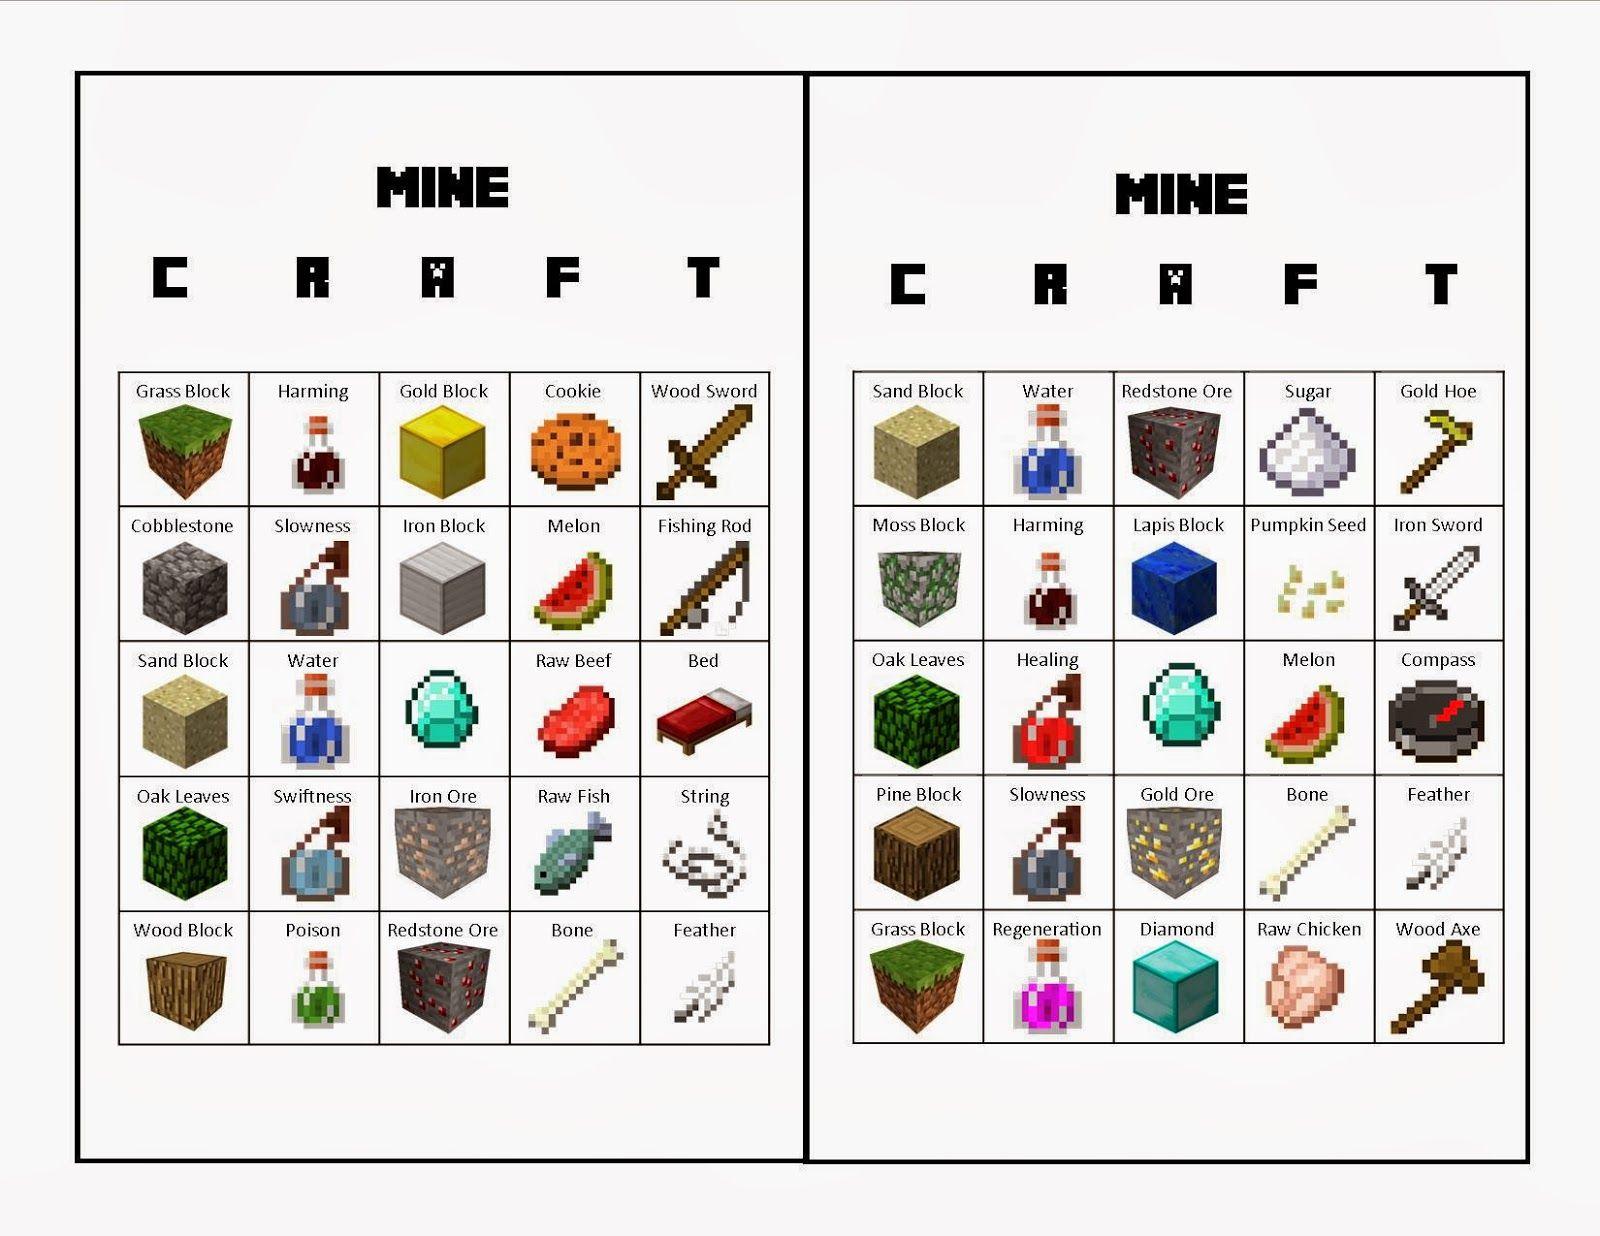 Pin Van +31643040297 Op Minecraft - Kinderfeestjes